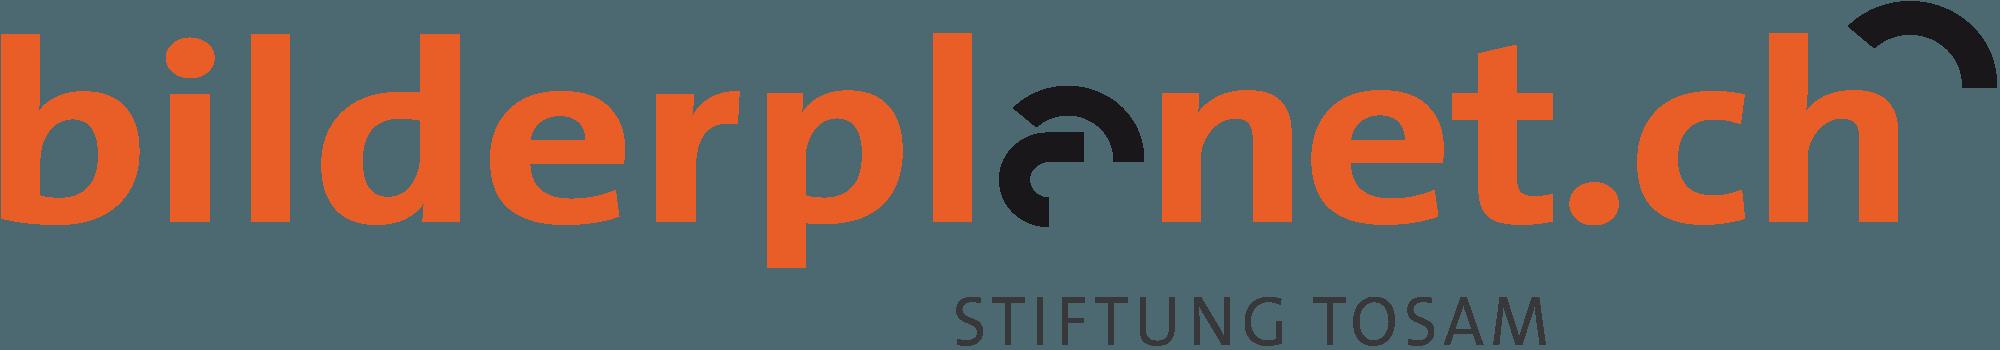 Bilderplanet Stiftung Tosam